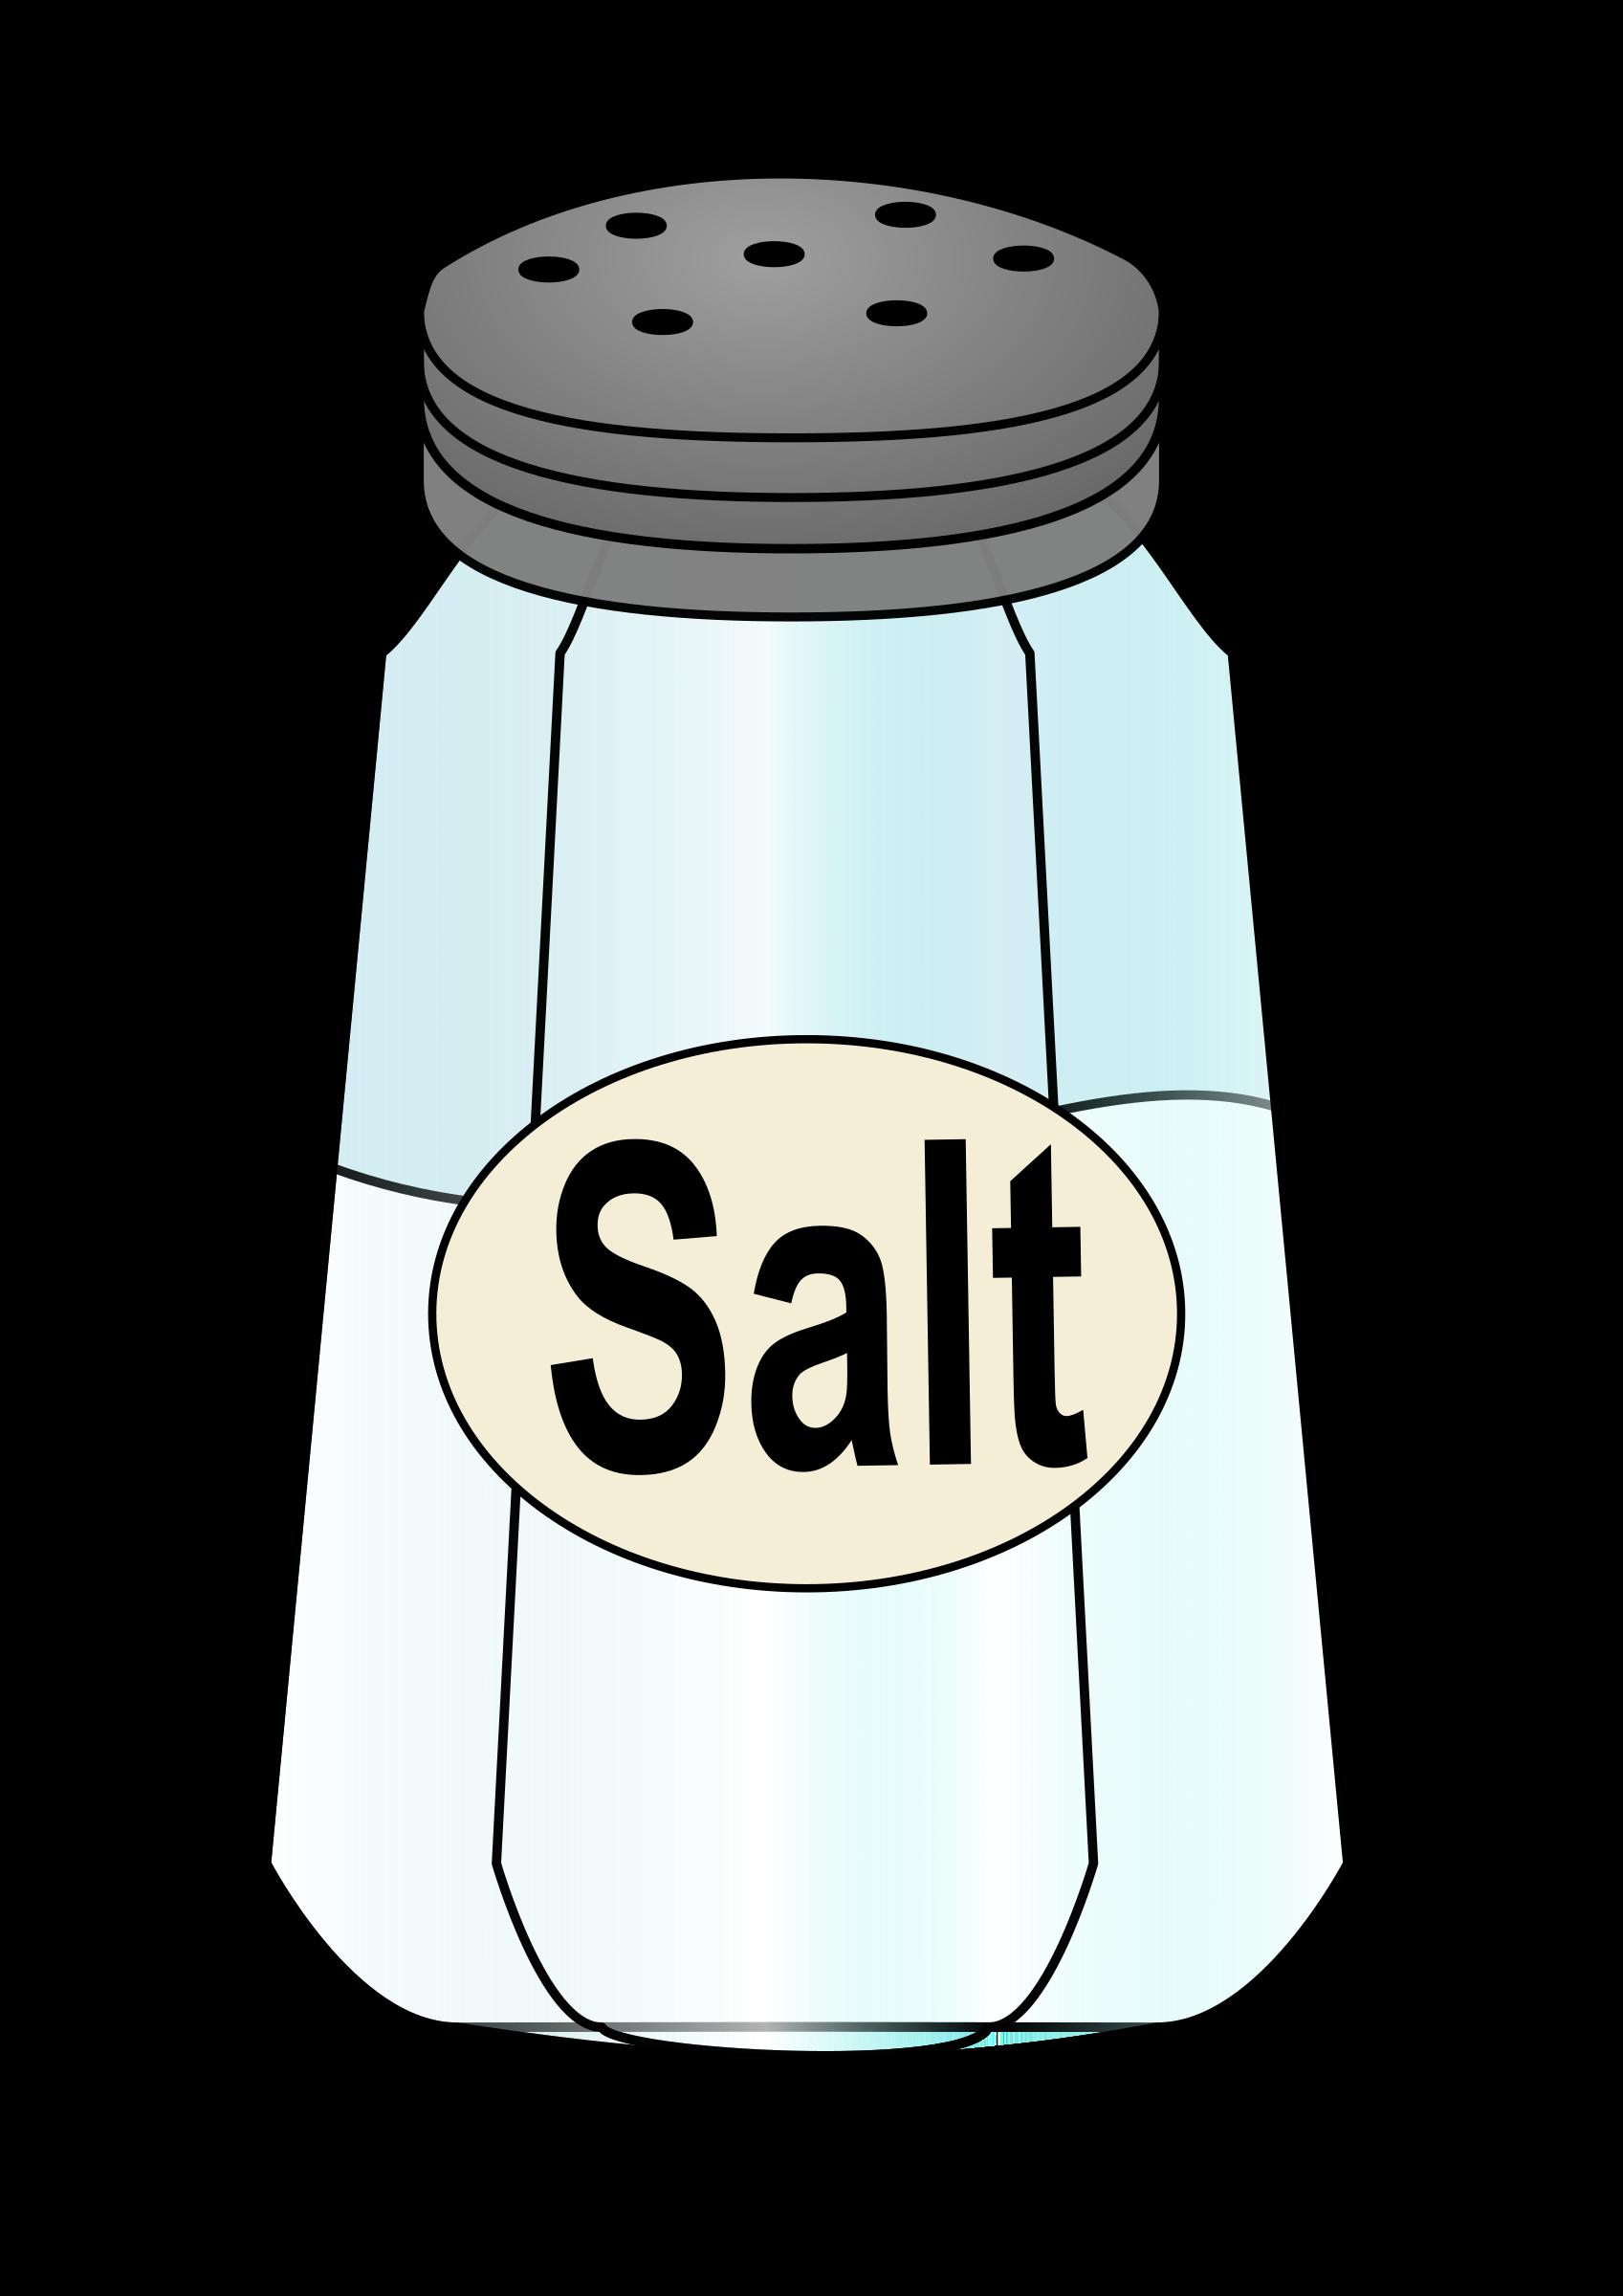 clipart salt shaker rh openclipart org salt bae clipart salt shaker clipart